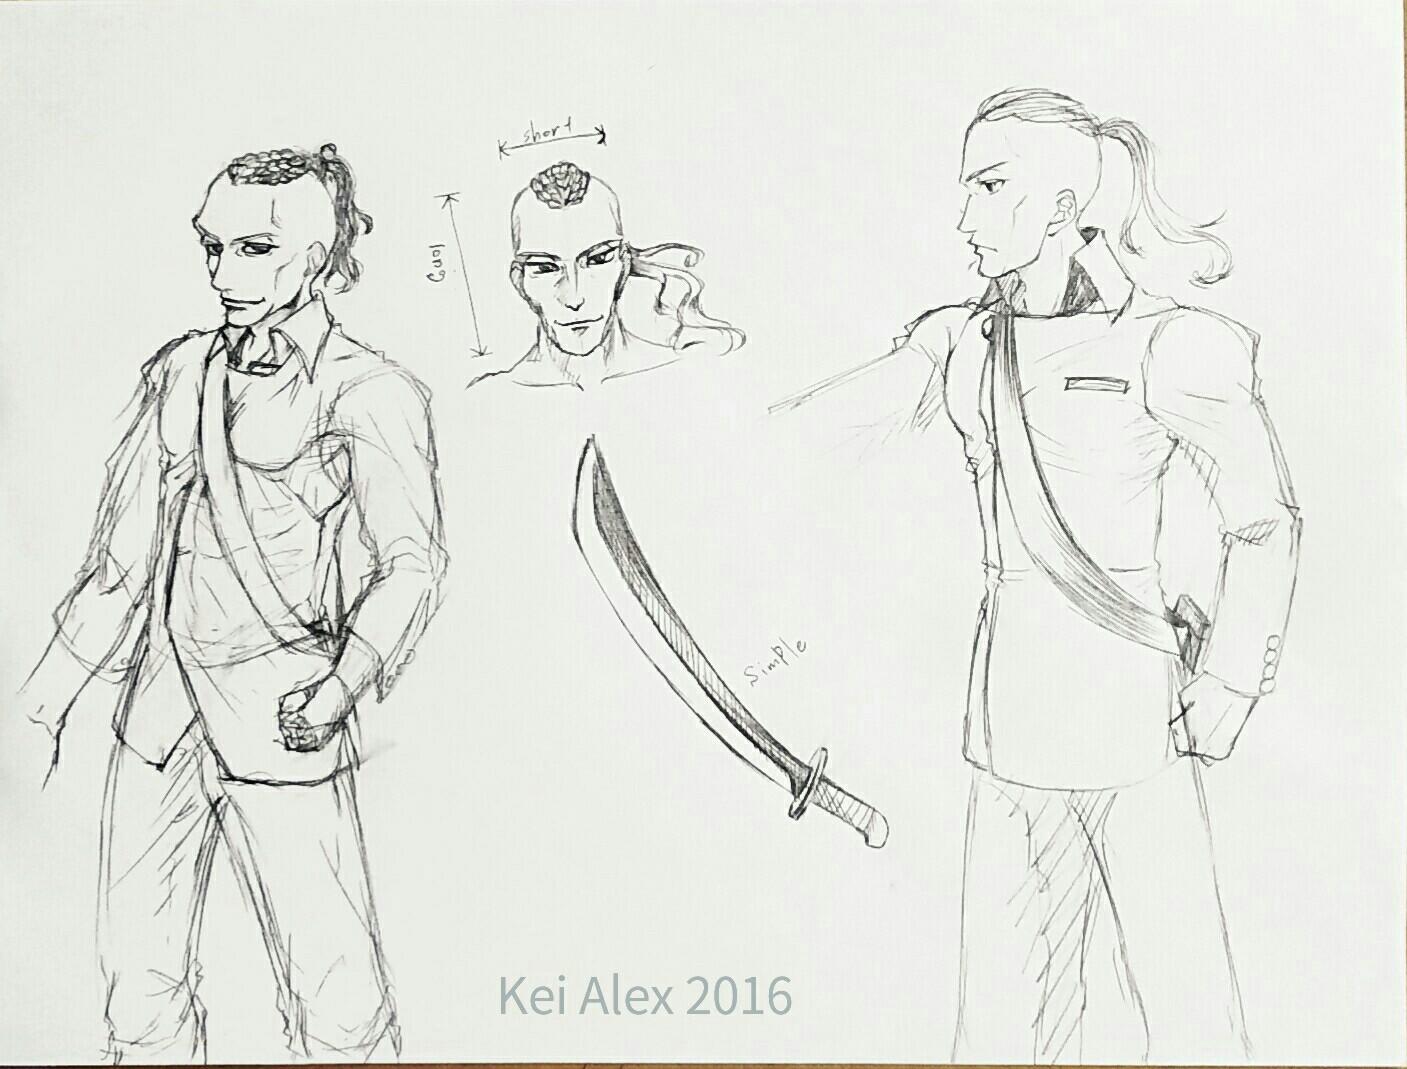 f:id:kei-alex:20160703183027j:image